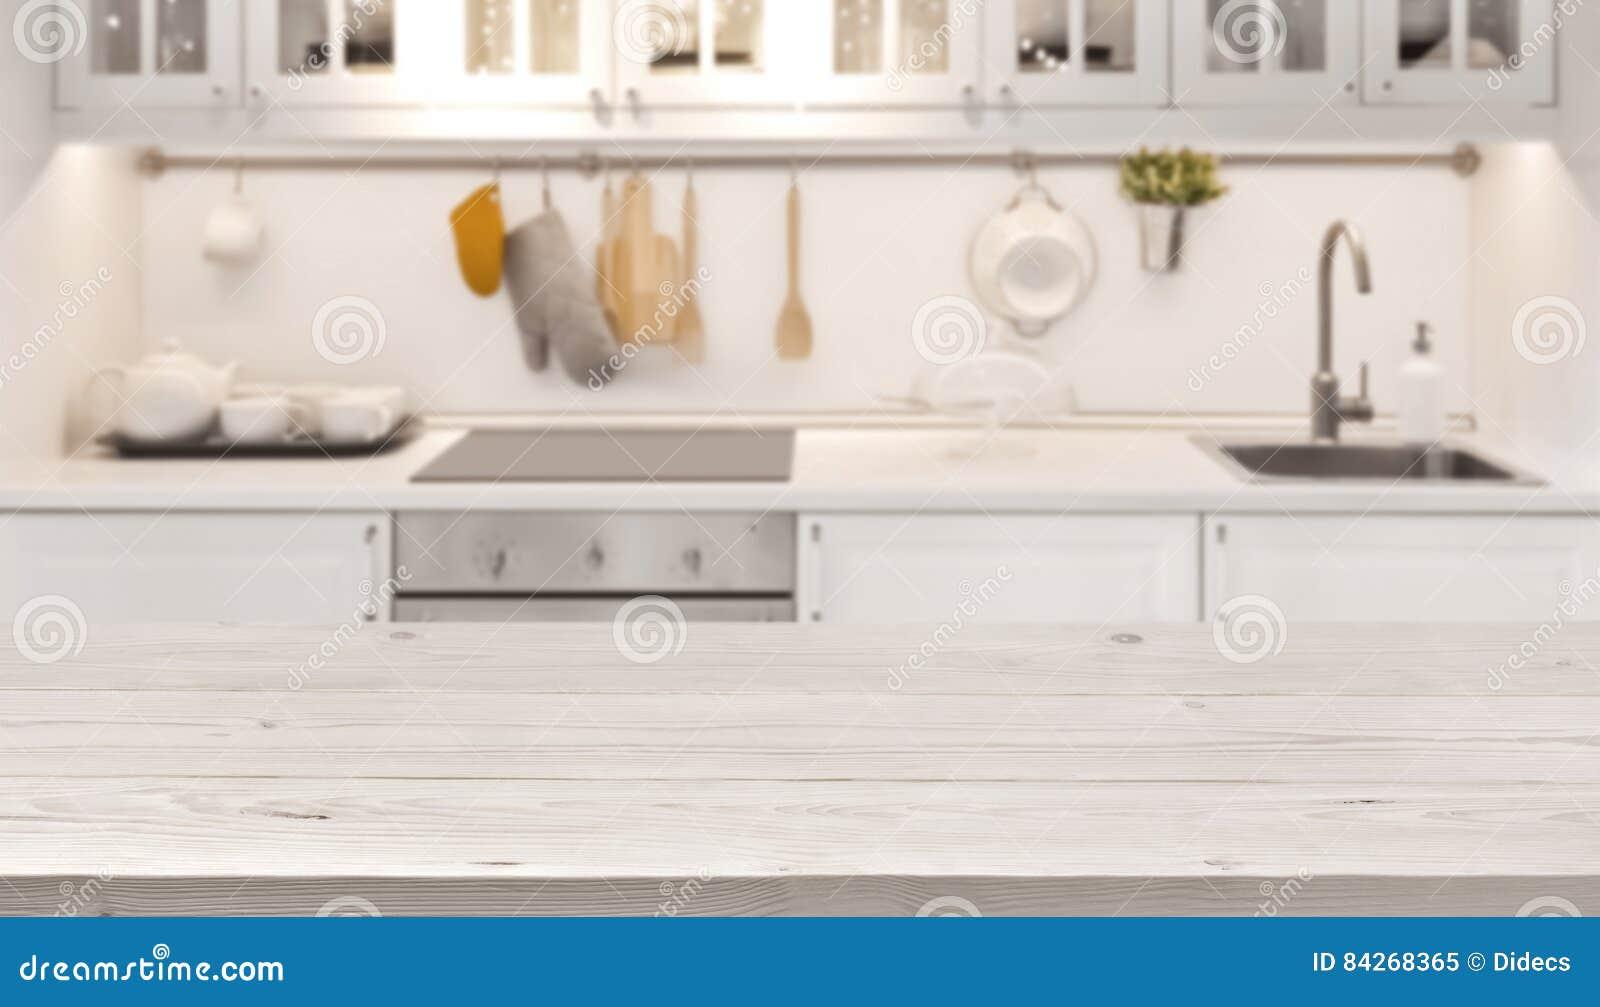 Επιτραπέζια κορυφή κουζινών και υπόβαθρο θαμπάδων του εσωτερικού ζώνης μαγειρέματος